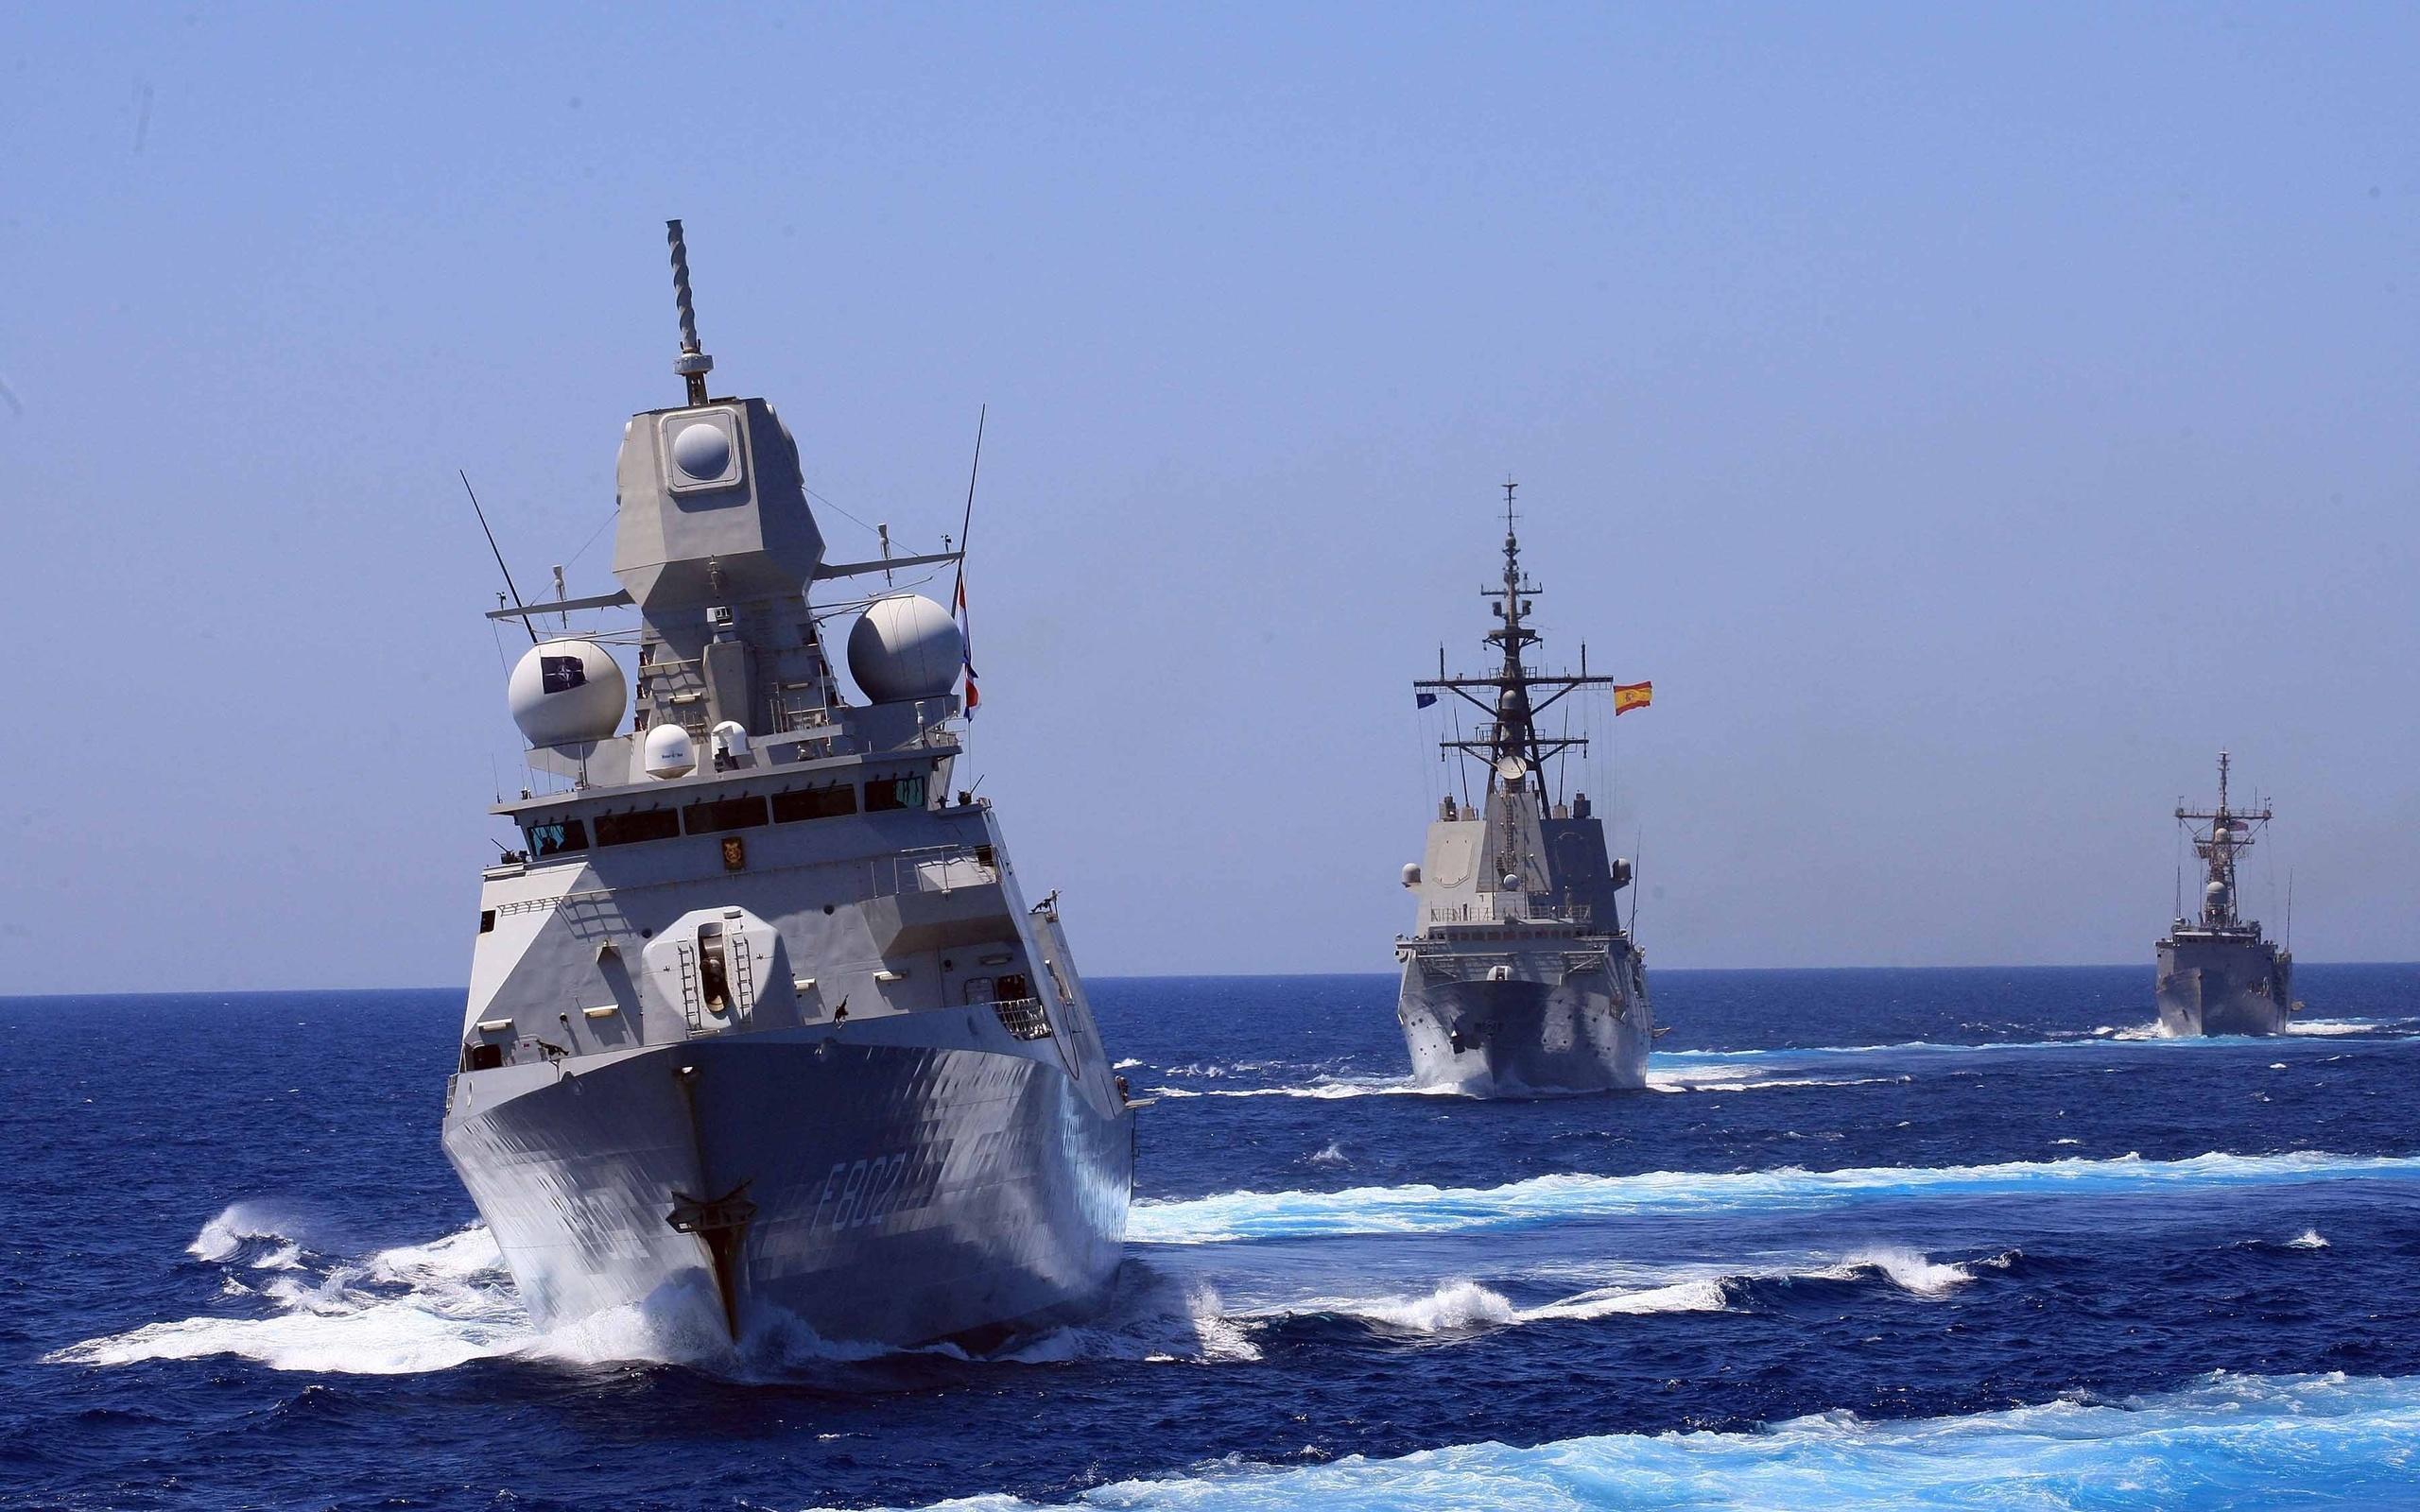 Картинки военных кораблей, приколы смешных